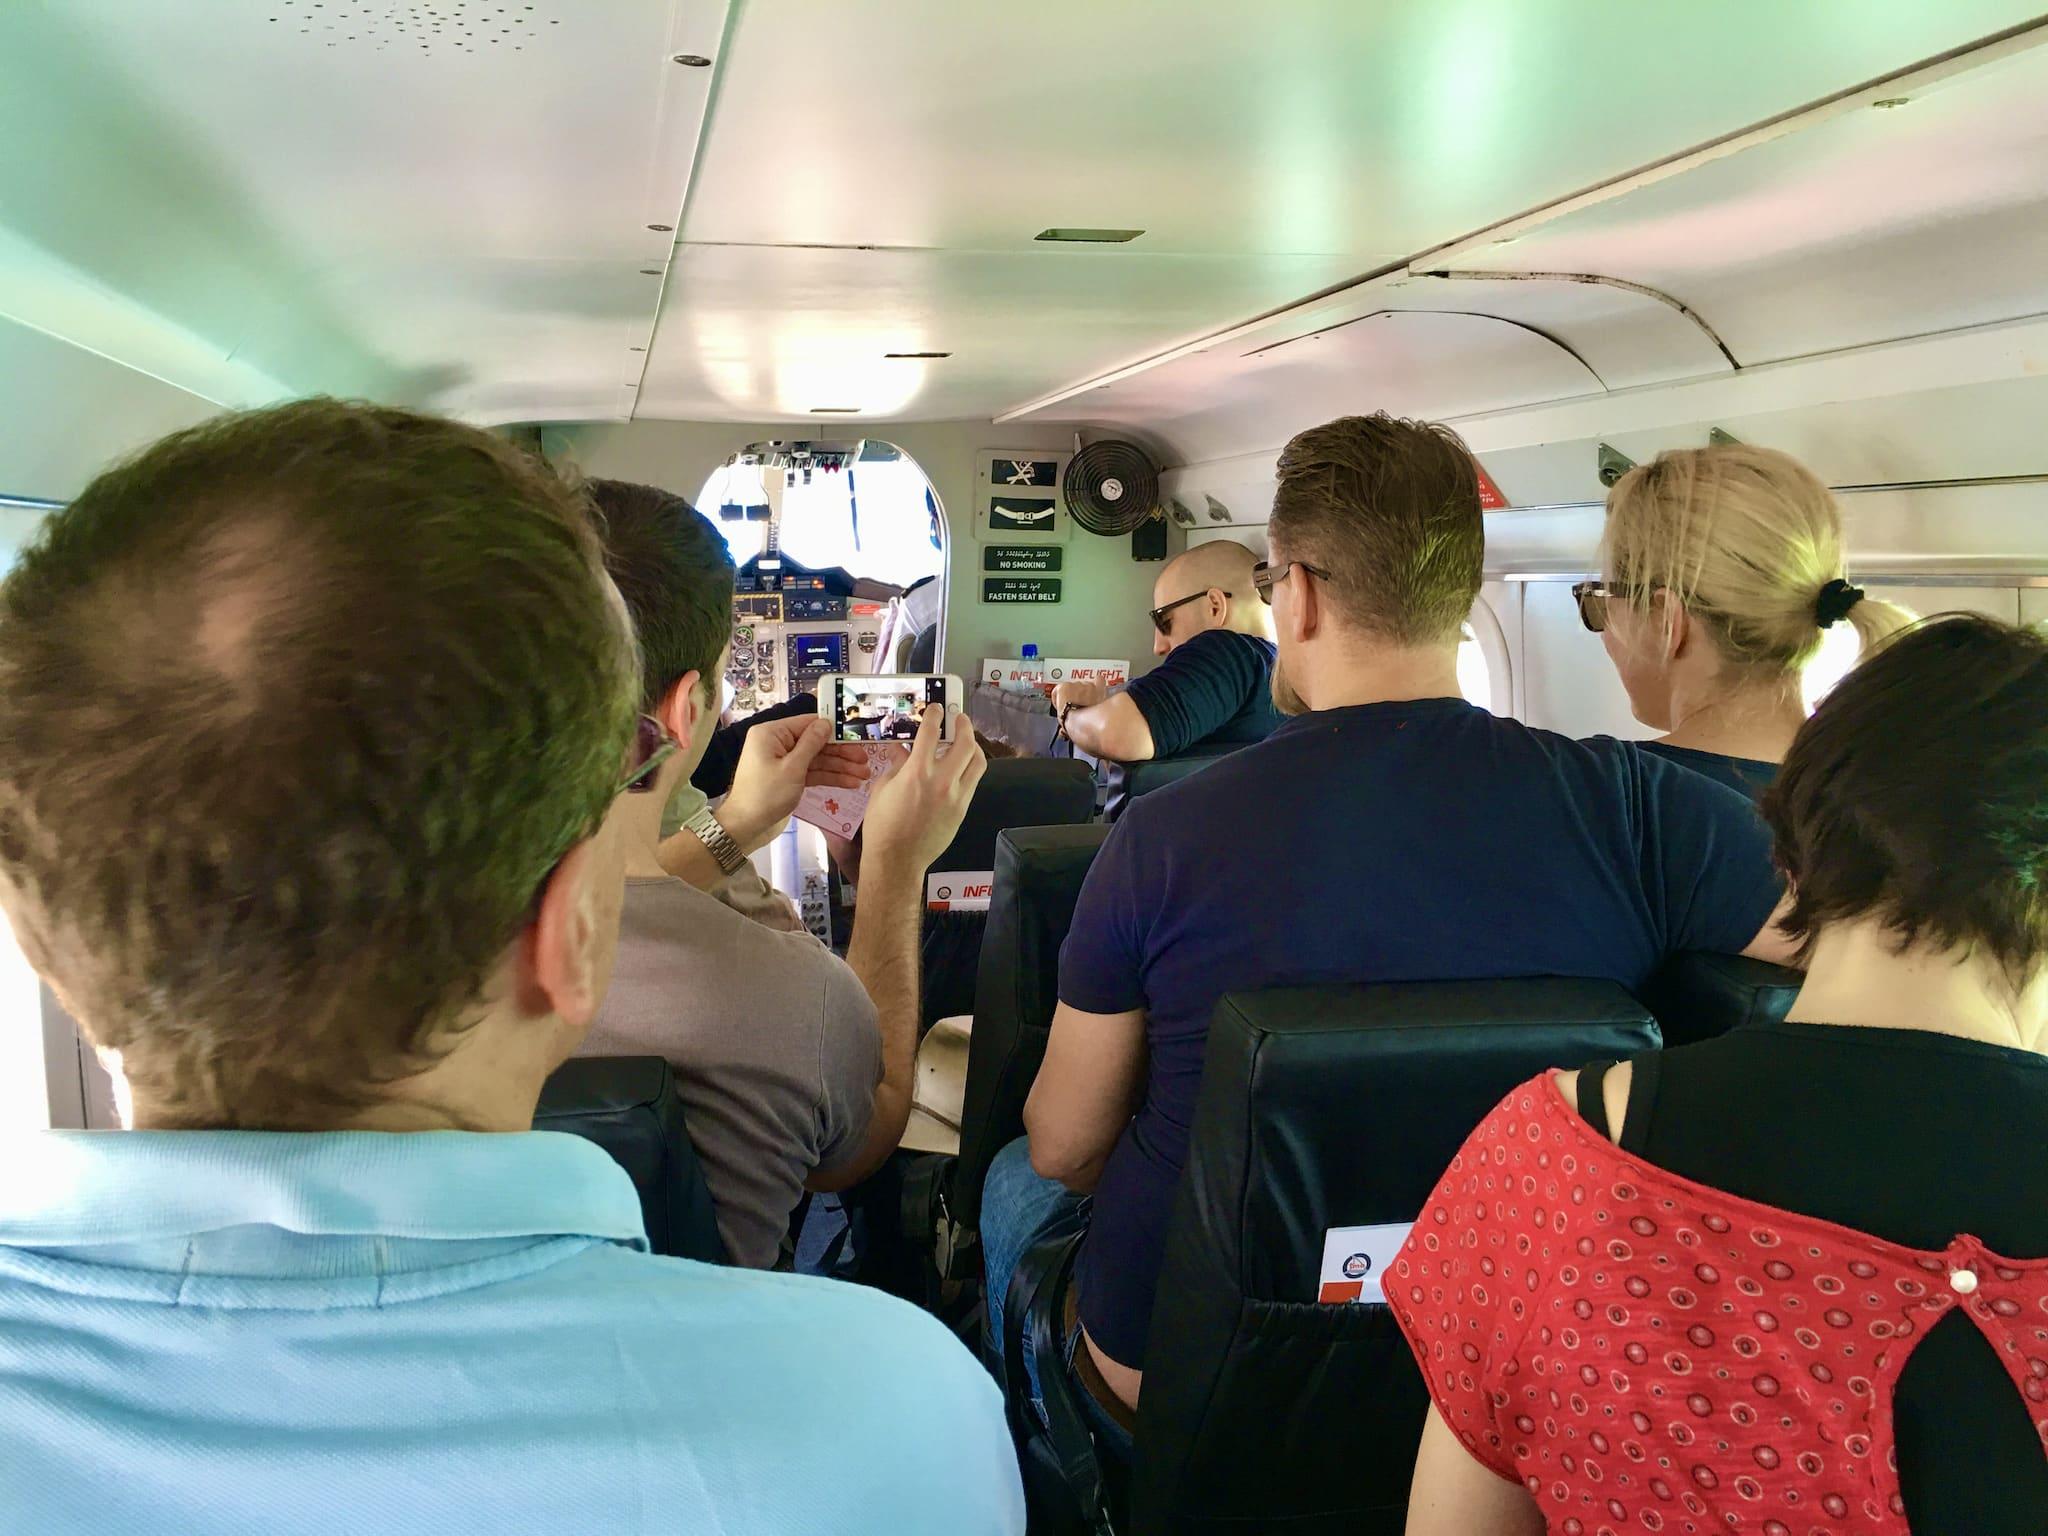 Per Wasserflugzeug oder Schnellboot geht es dann auf die Hotelinsel. Foto: Sascha Tegtmeyer Reisebericht Malediven Tipps